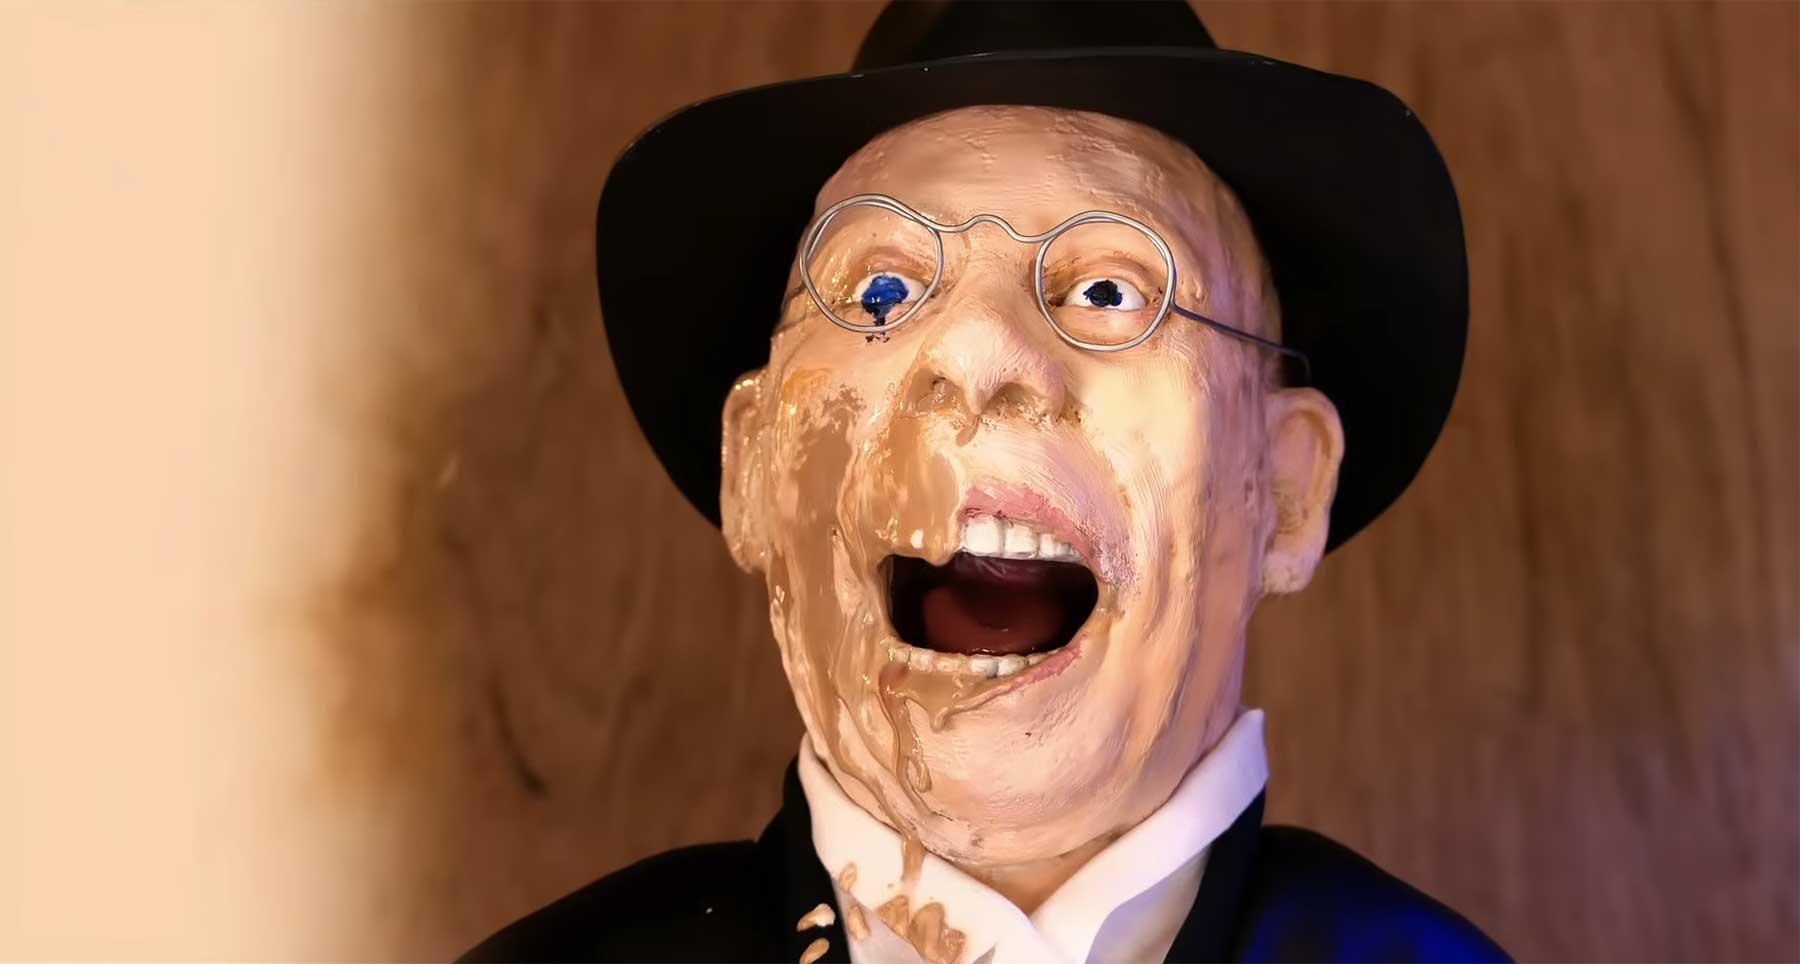 """Das zerfließende Gesicht aus """"Indiana Jones"""" mit Wachsmalern nachgestellt"""